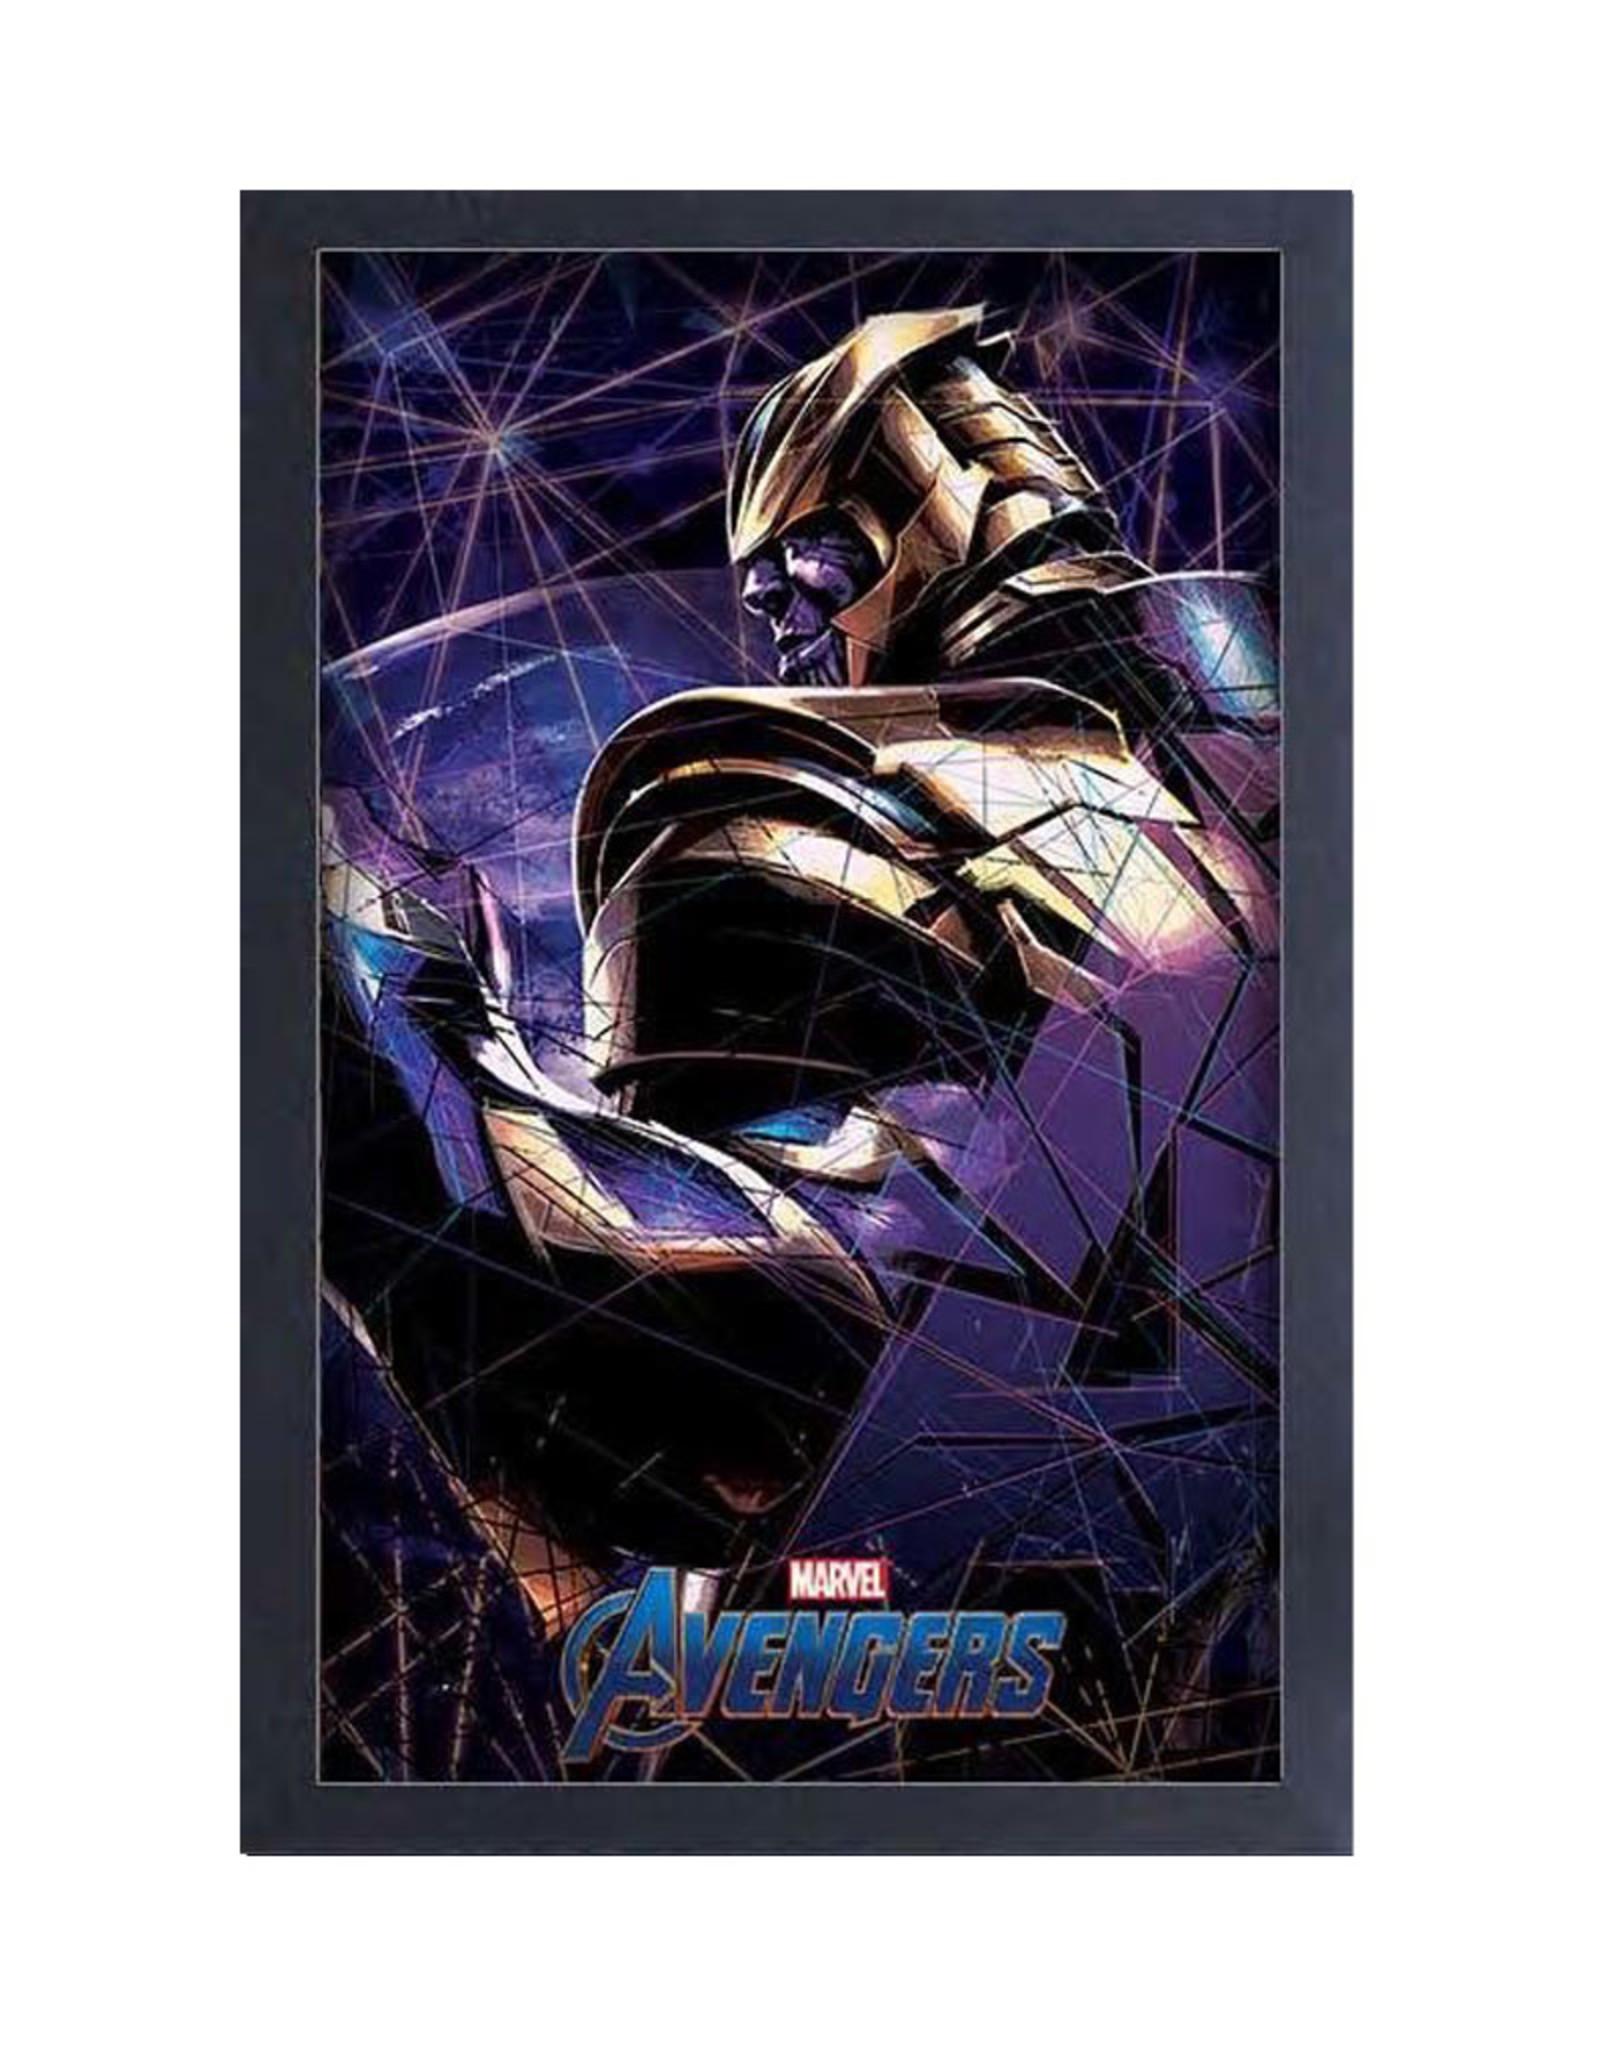 Marvel Avengers Endgame ( Framed print ) Thanos